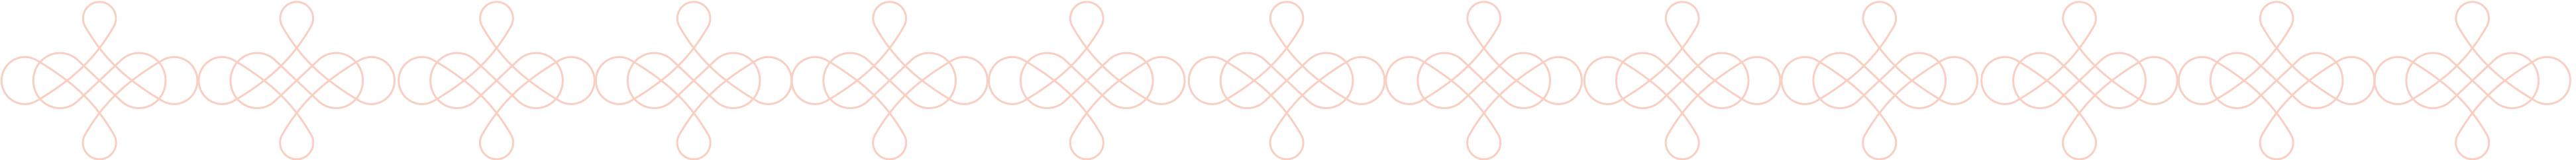 symboli-divider-pink